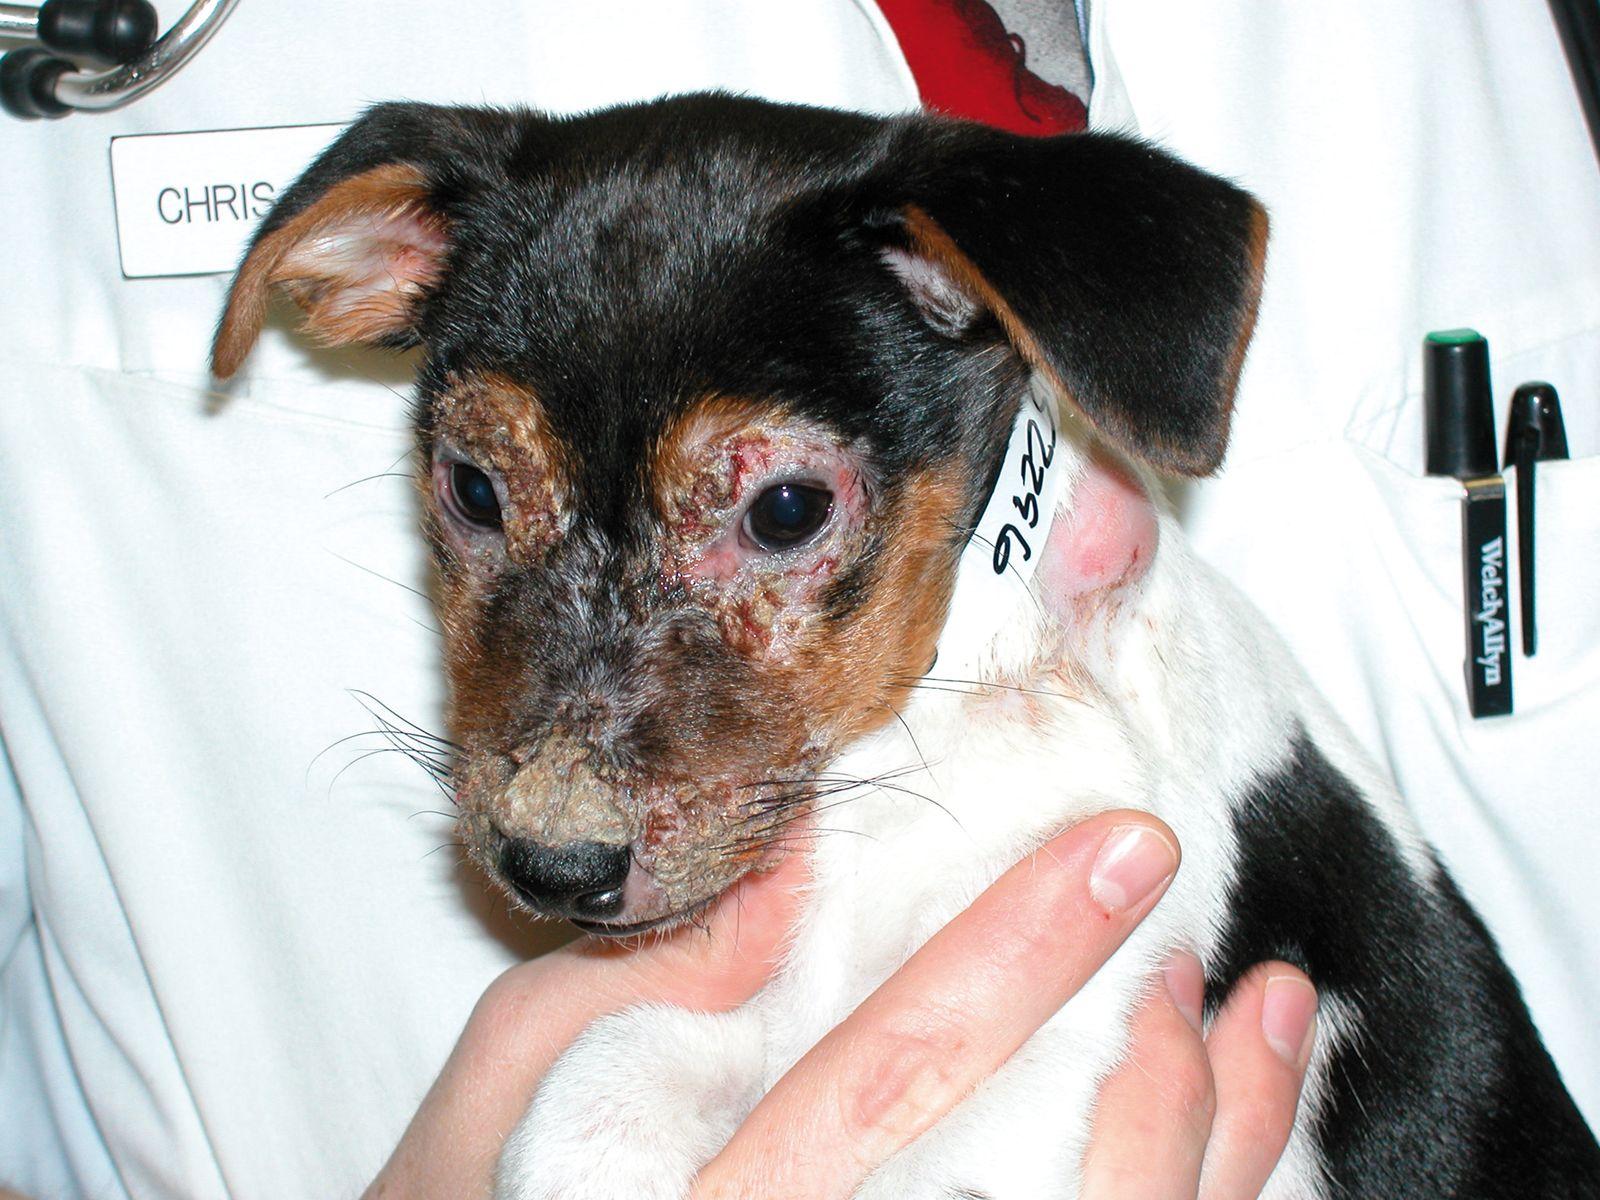 Croûtes et érosions sur la face d'un chiot souffrant de cellulite juvénile.